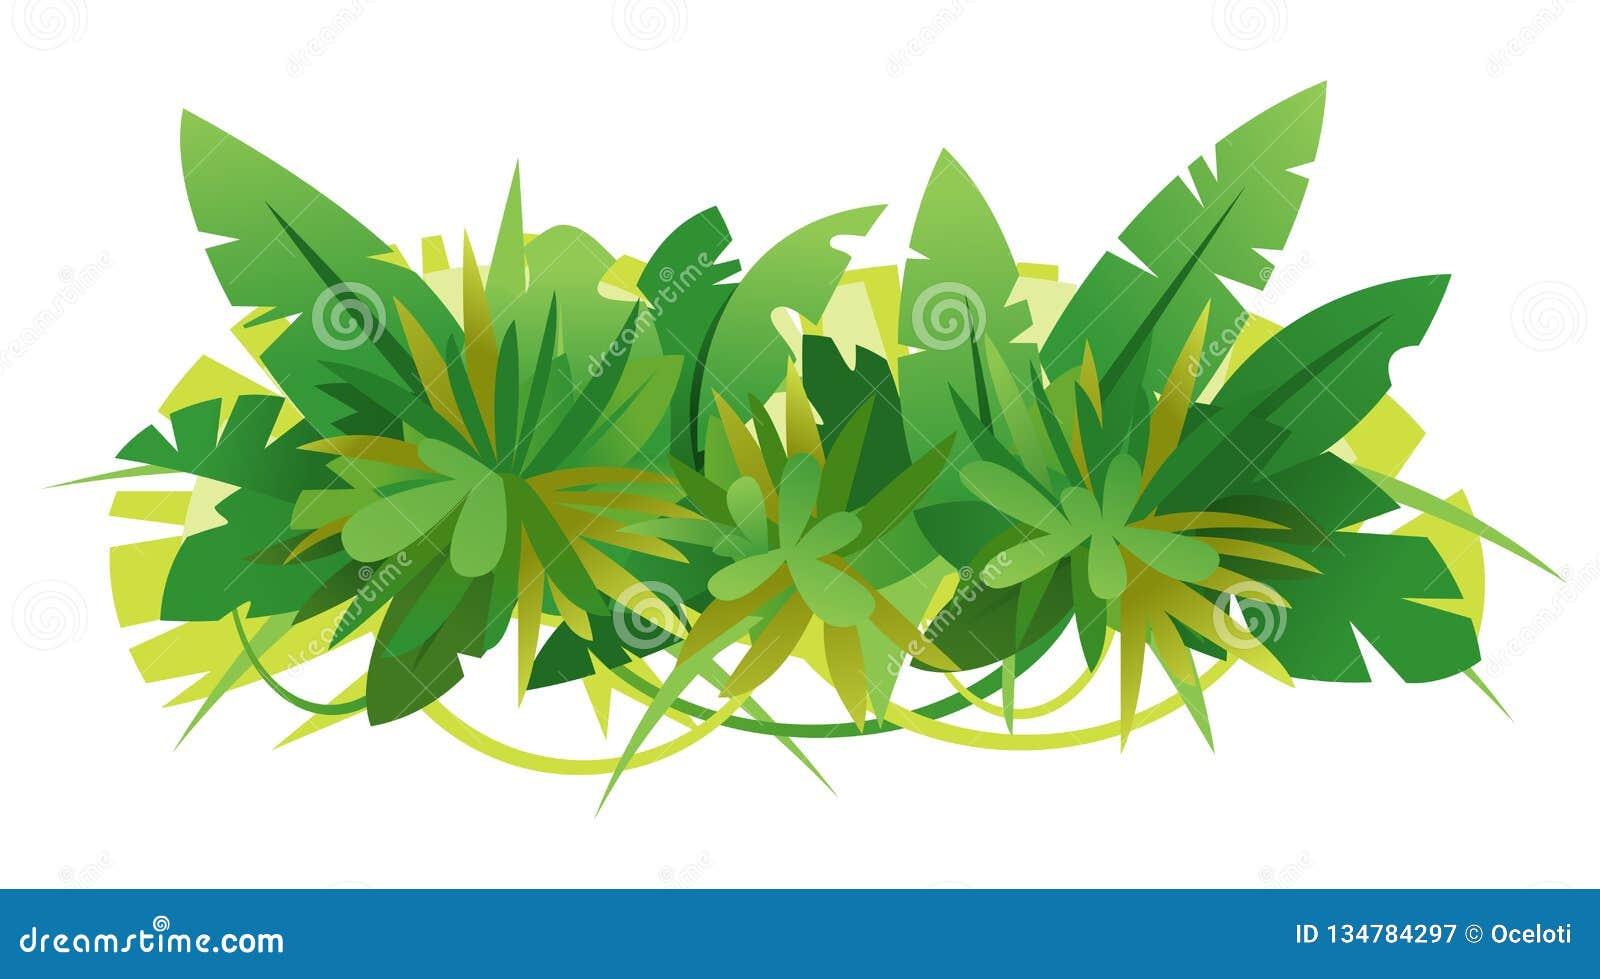 Grüner Dschungel verlässt Zusammensetzung